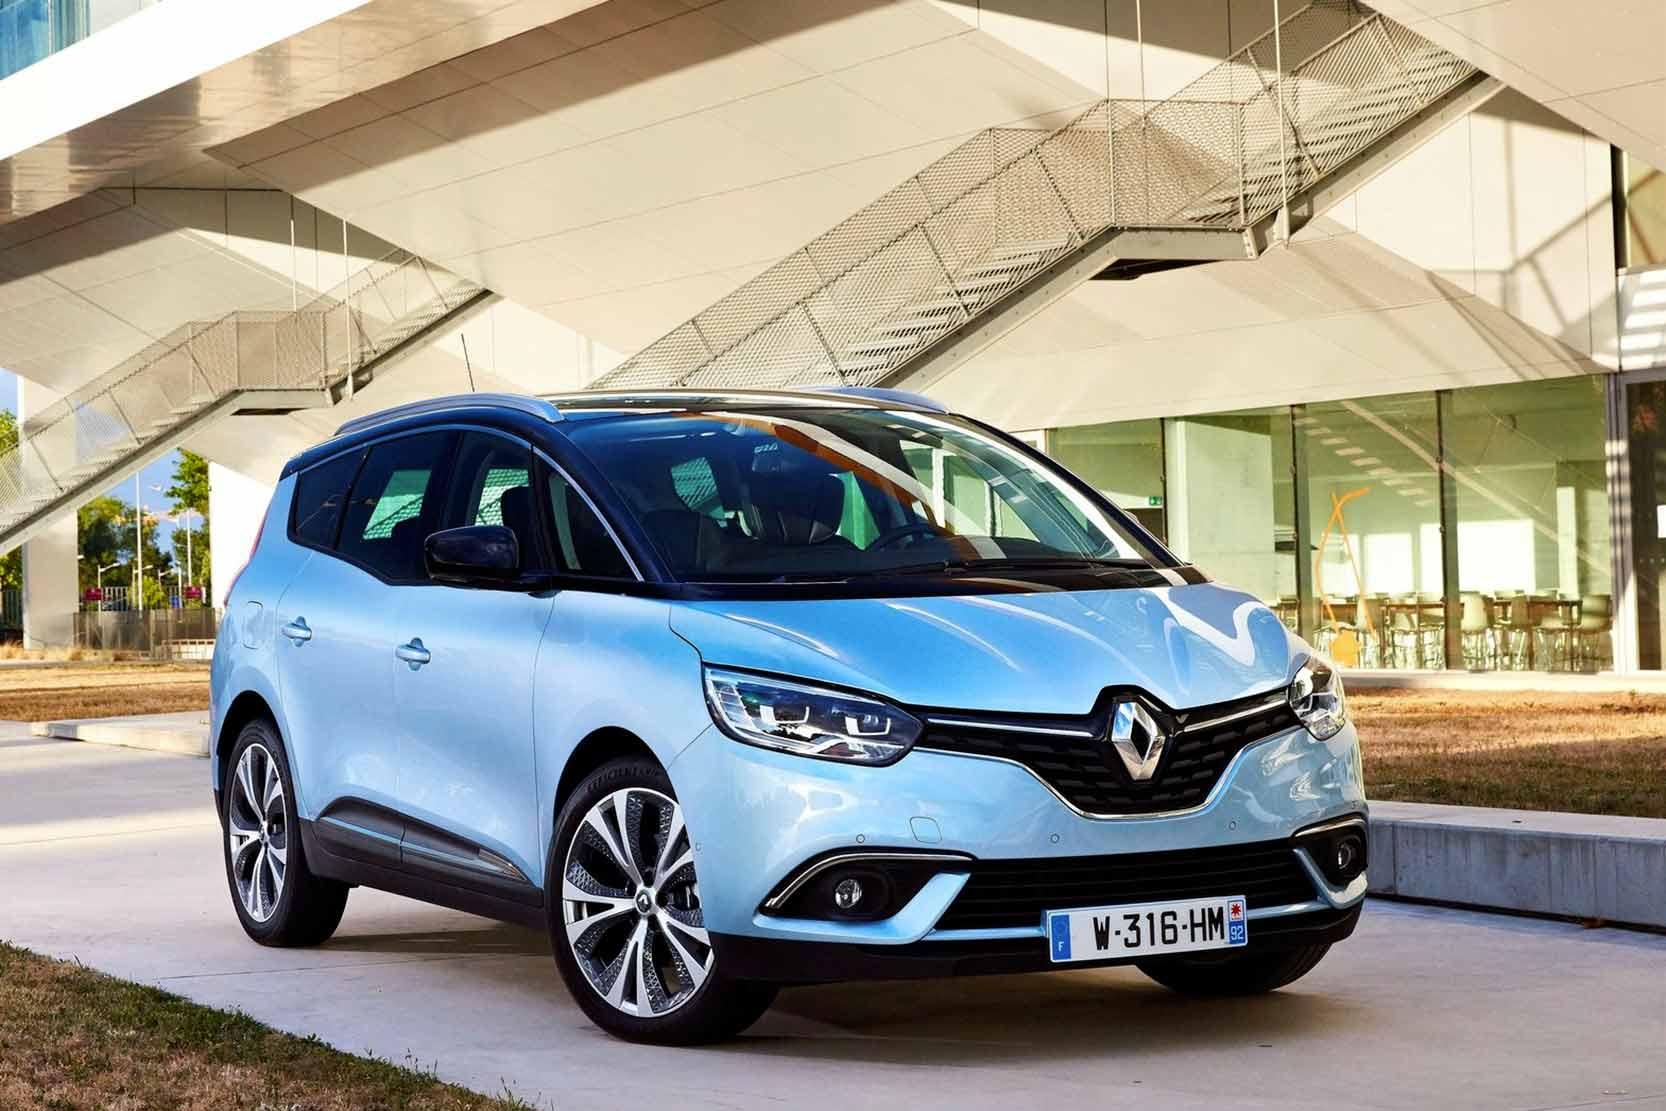 Fiche Technique Renault Grand Scenic 1 5 Dci 110 2019